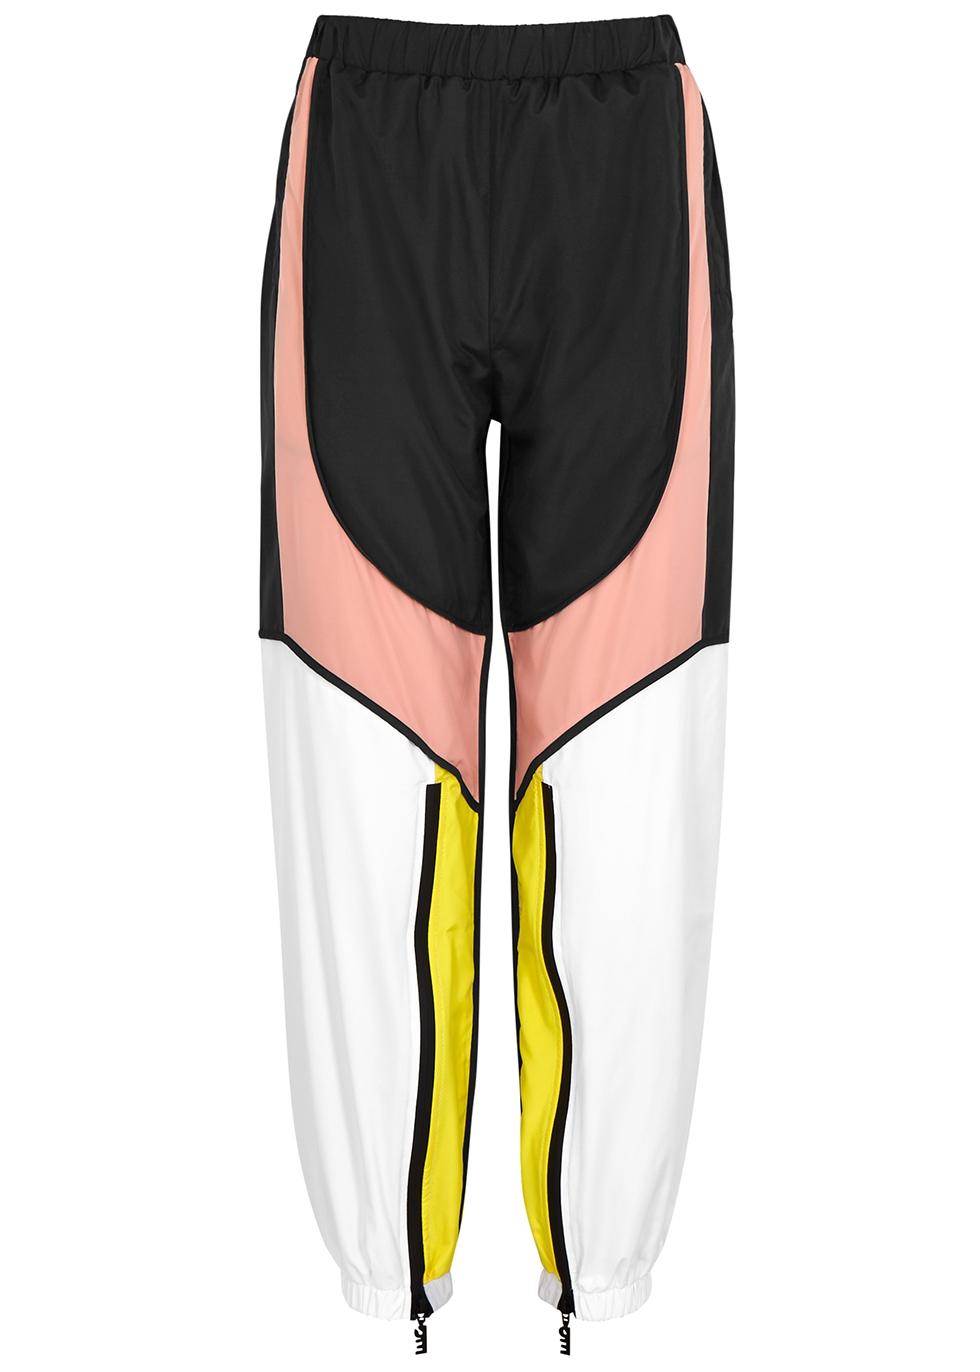 Runout colour-block shell sweatpants - P.E Nation